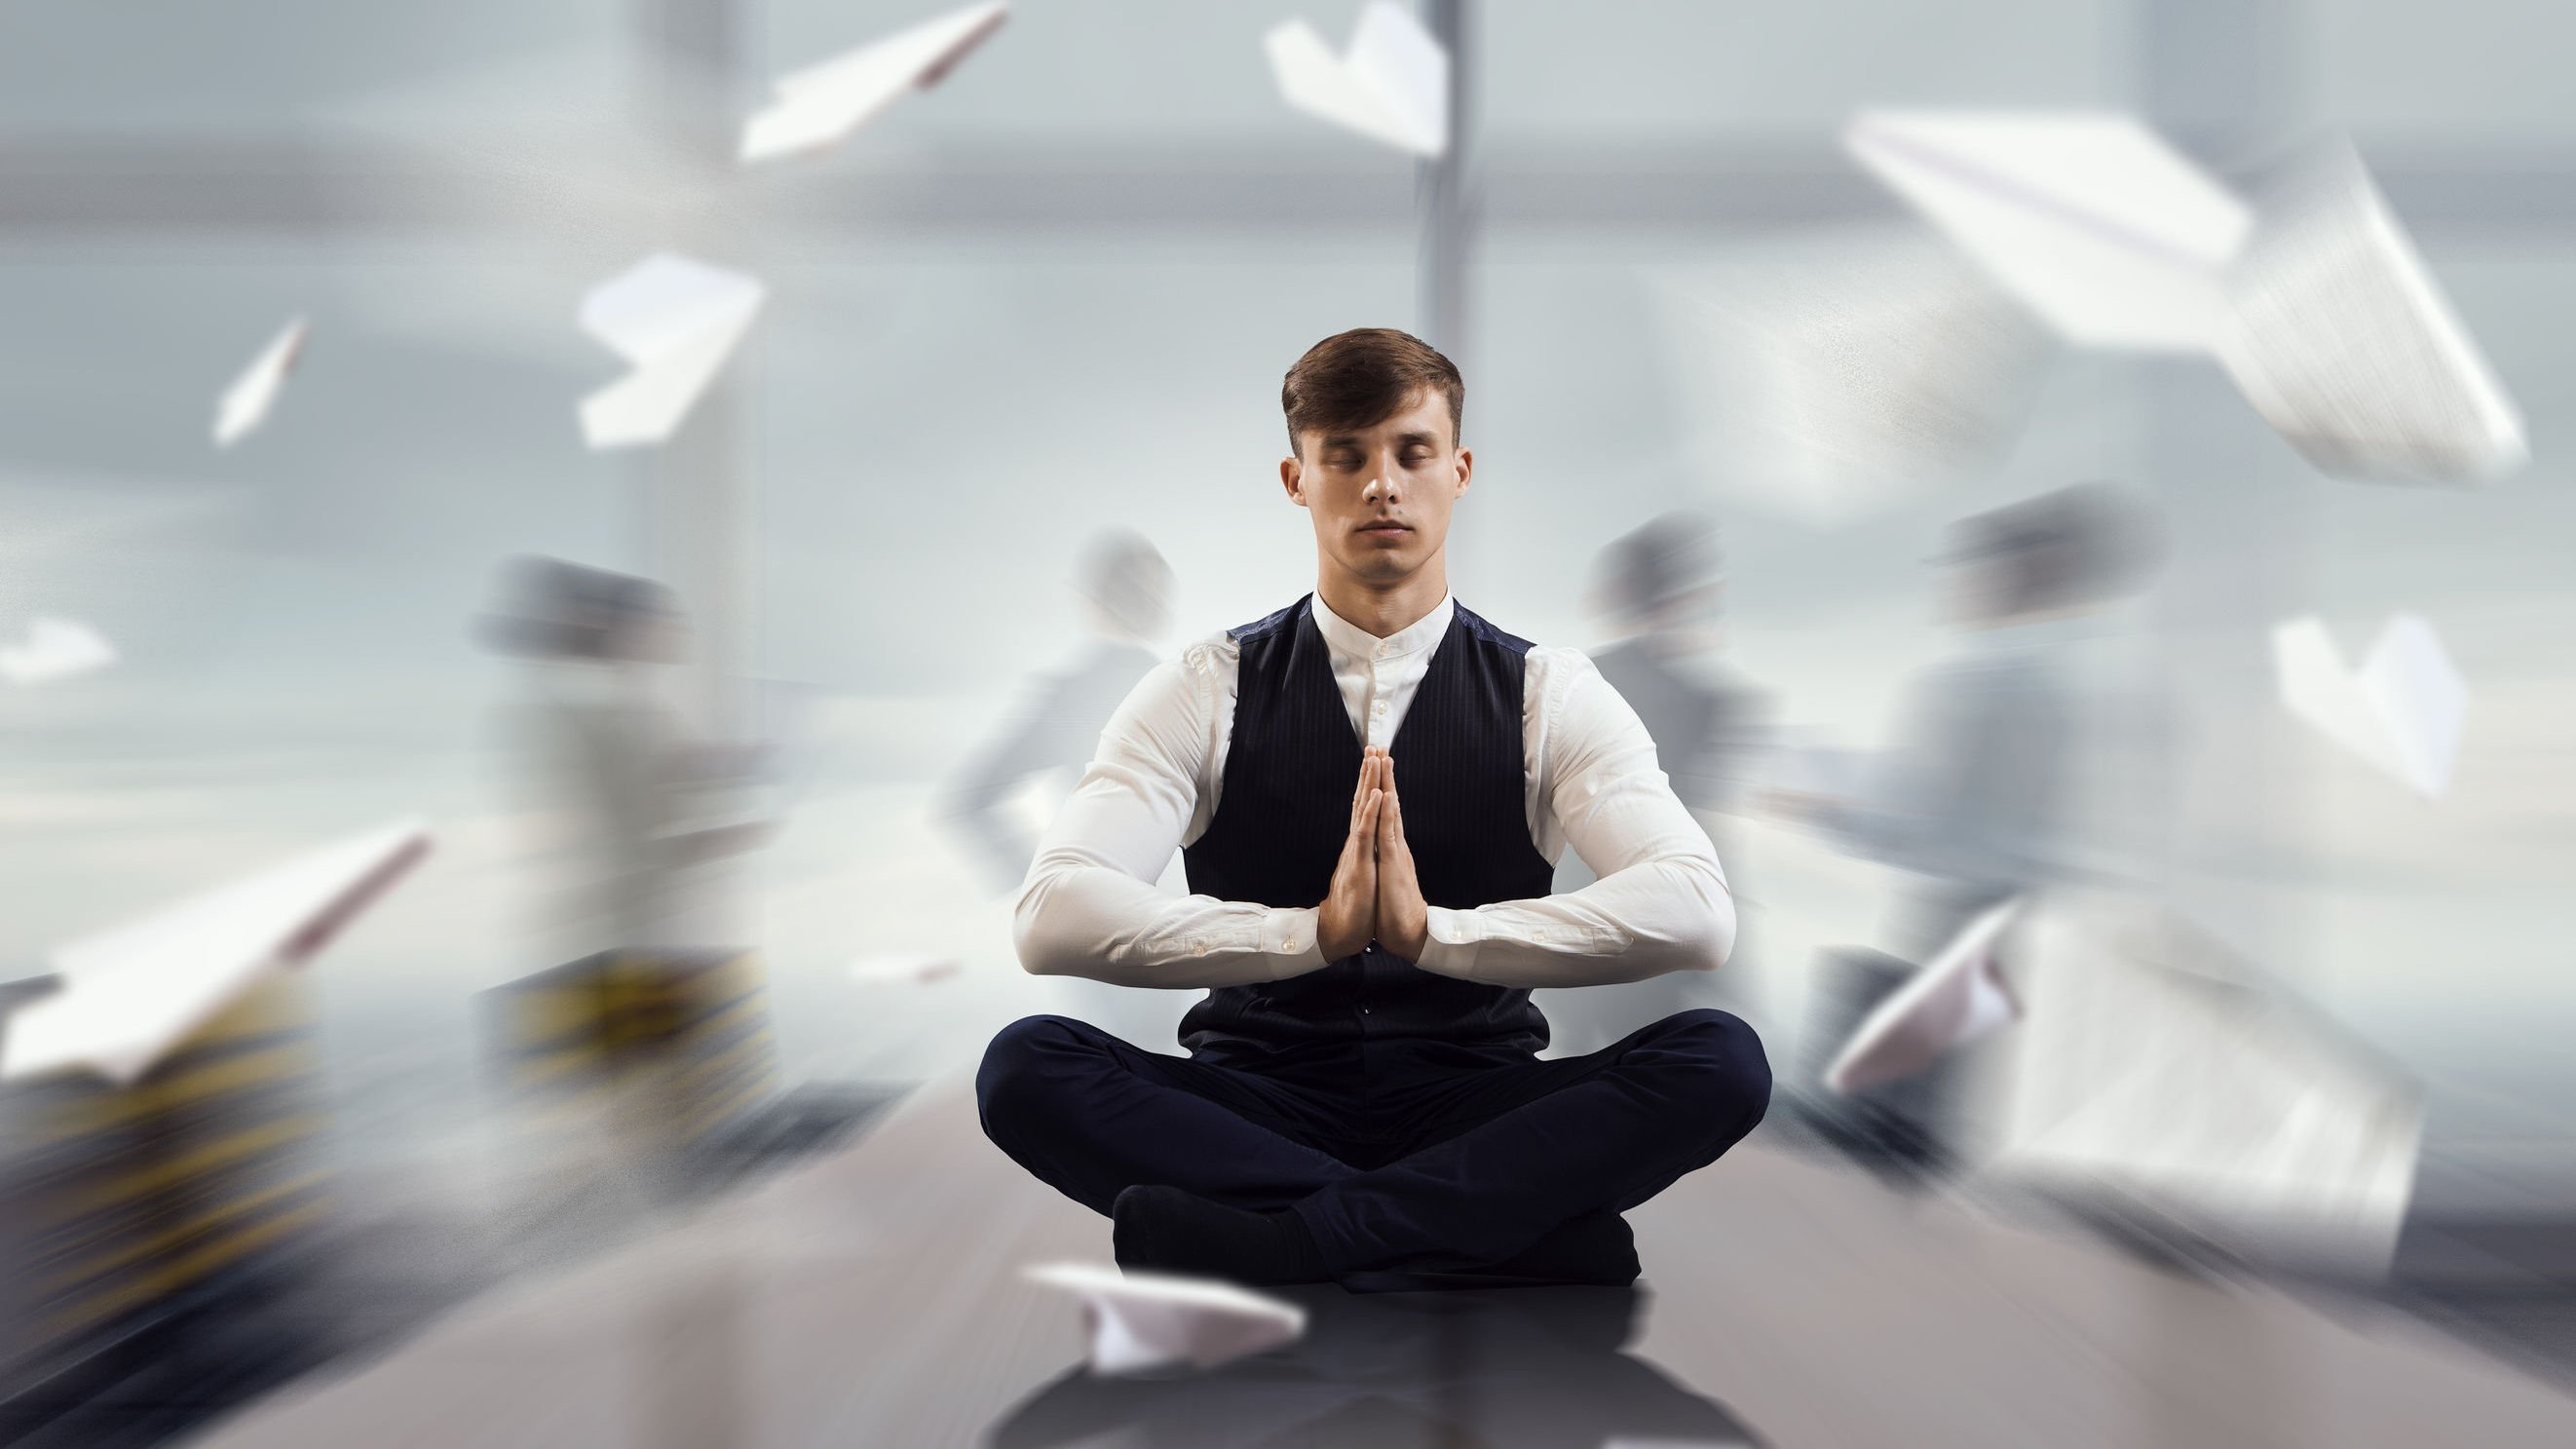 Homem meditando em uma mesa enquanto papeis voam em um escritório